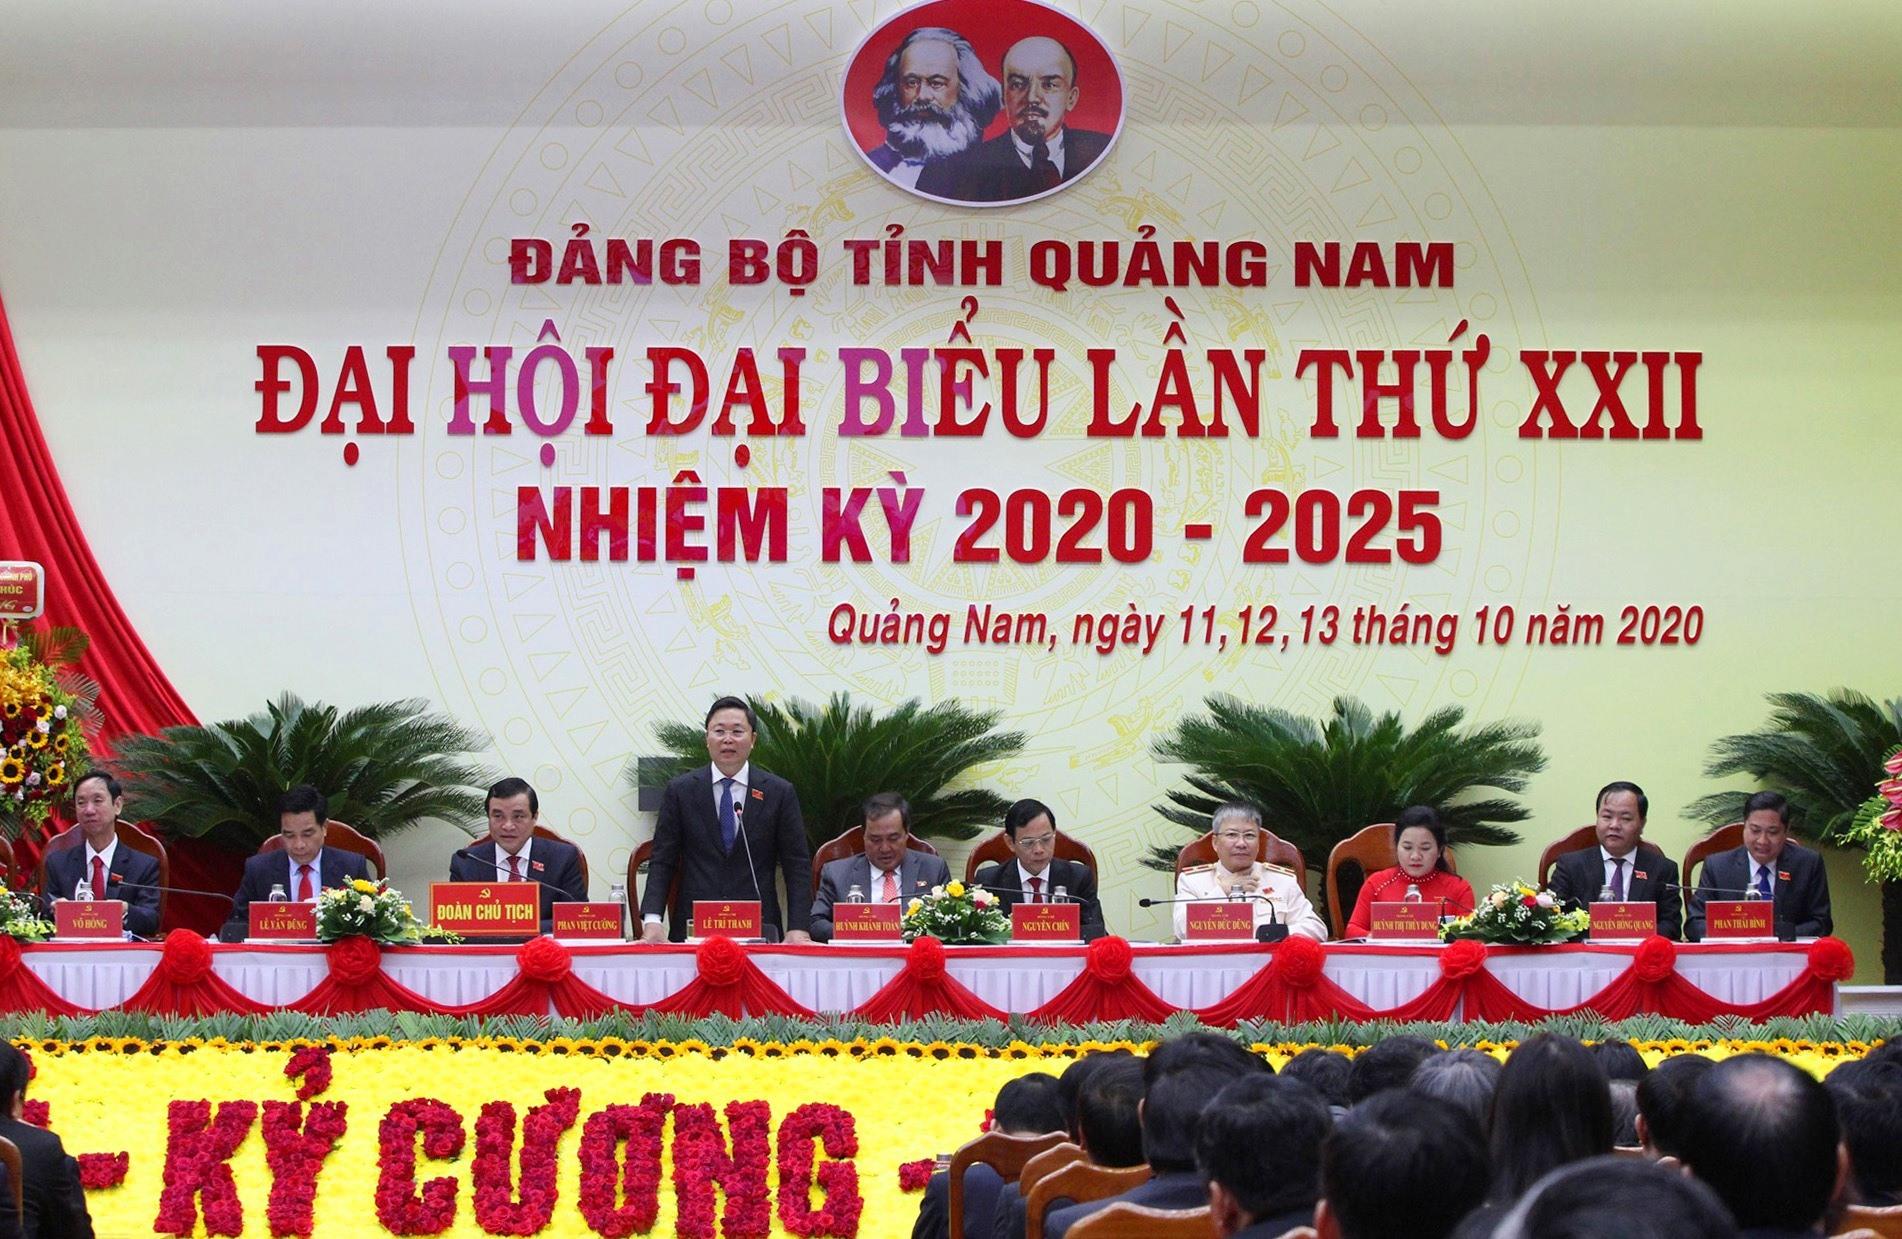 Bầu 19 đại biểu chính thức đi dự Đại hội đại biểu toàn quốc lần thứ XIII của Đảng